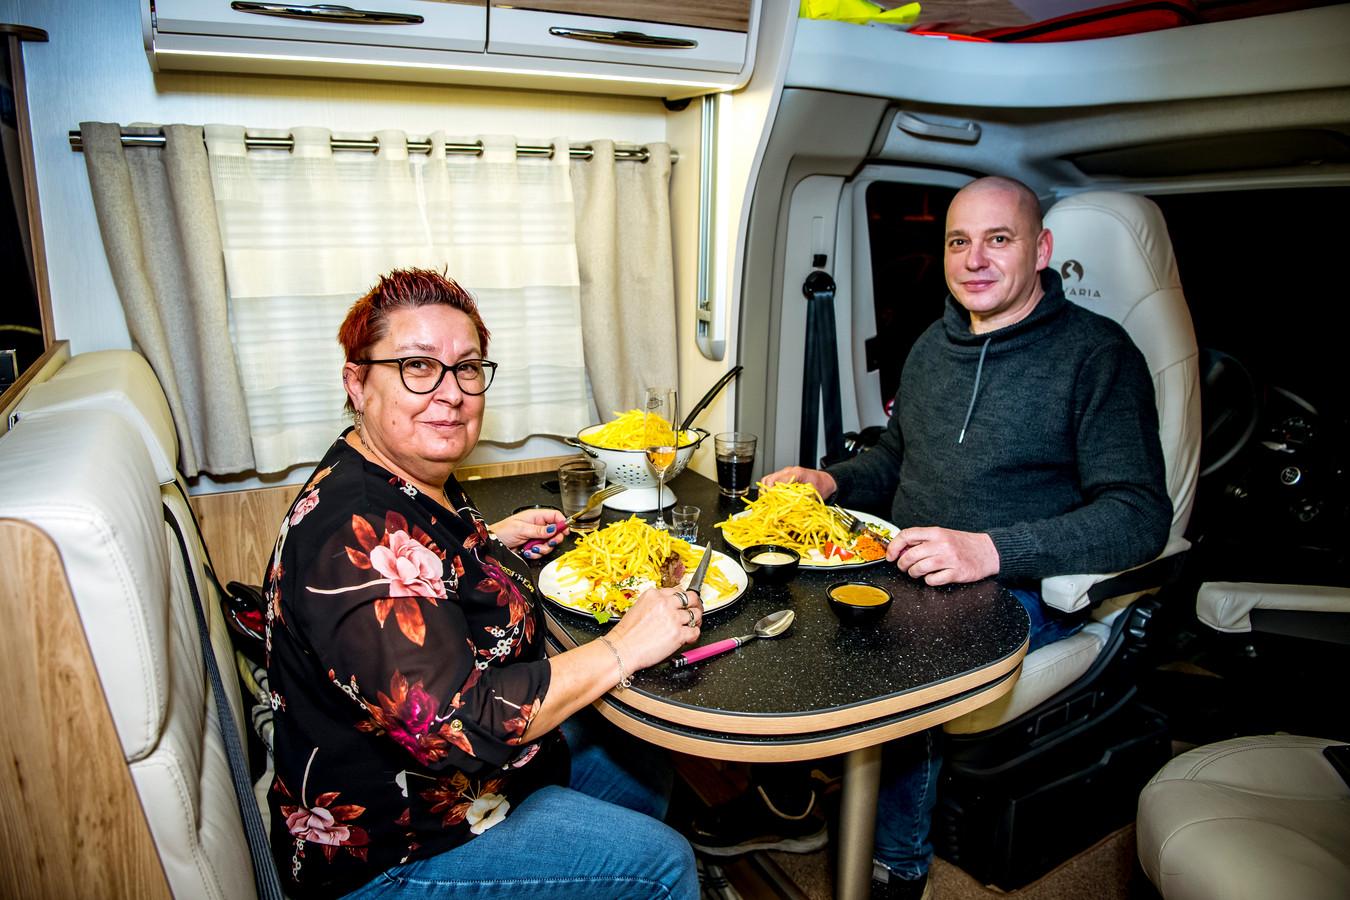 Veerle en Luc genieten van hun campermeal in hun mobilhome aan brasserie de Biertuin in Paal-Beringen.